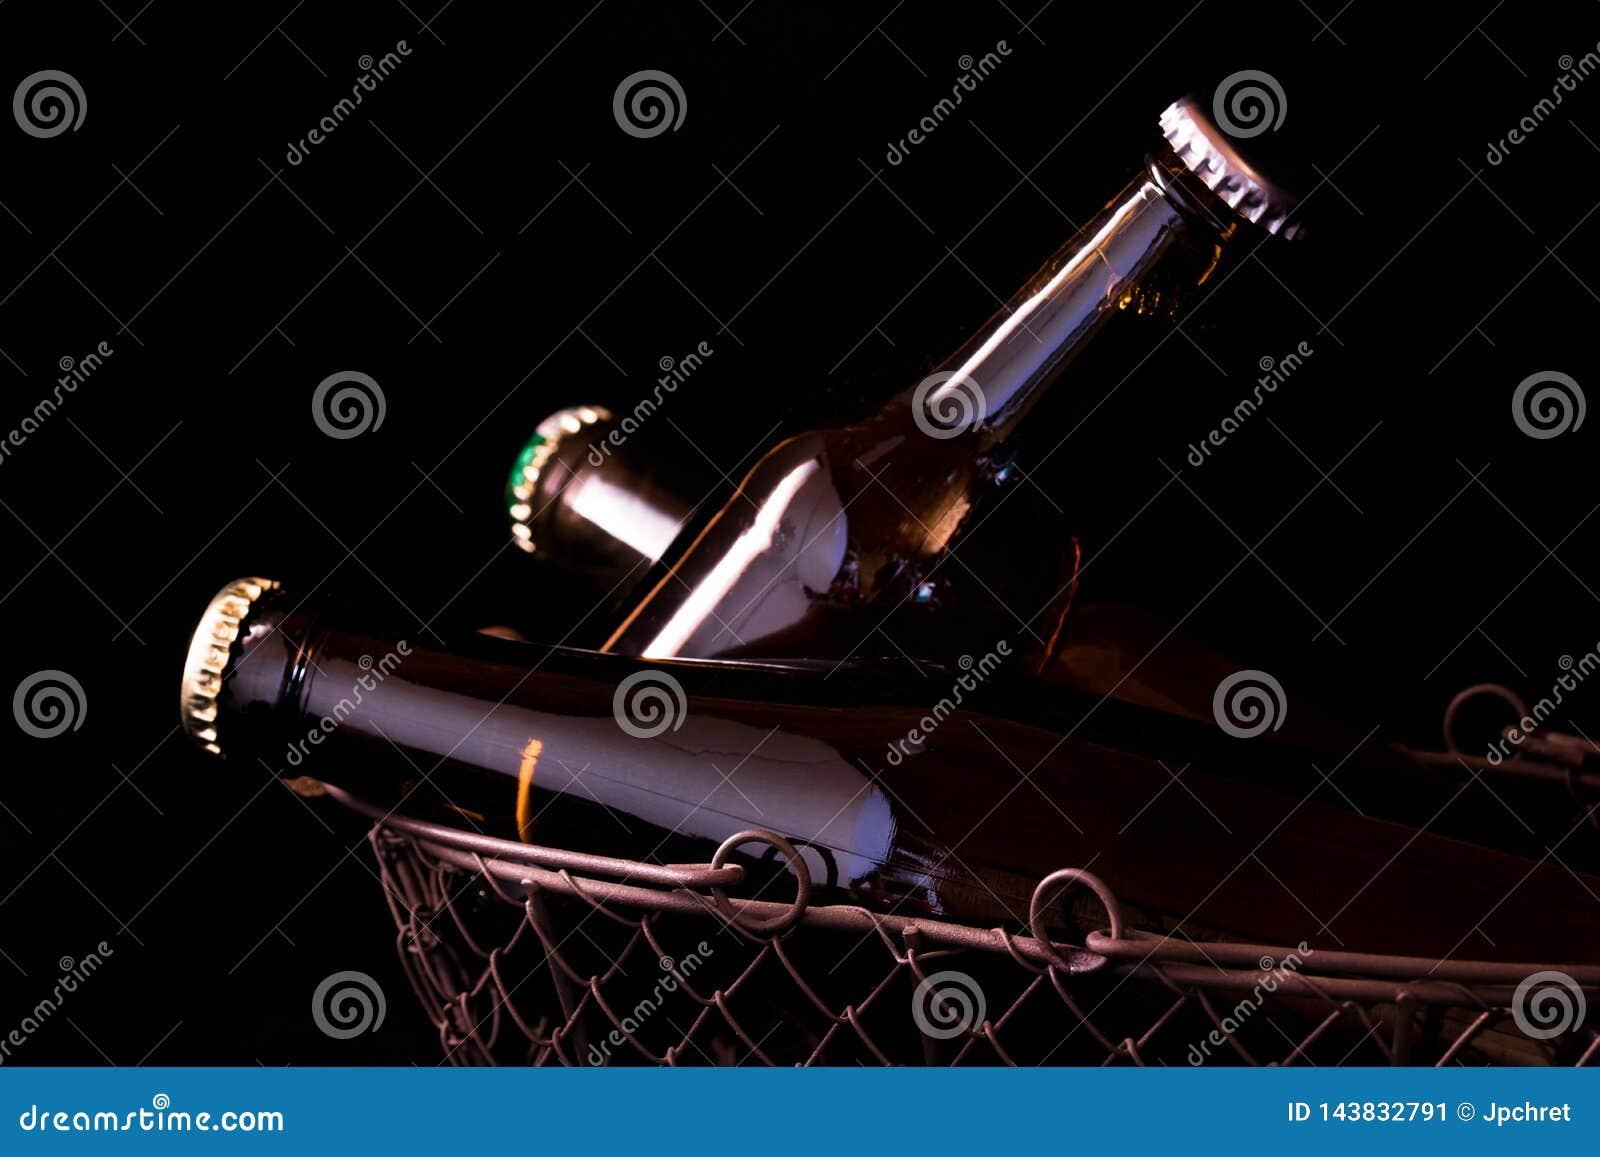 Botellas de cerveza en un claroscuro negro del fondo en una cesta vieja de la malla metálica